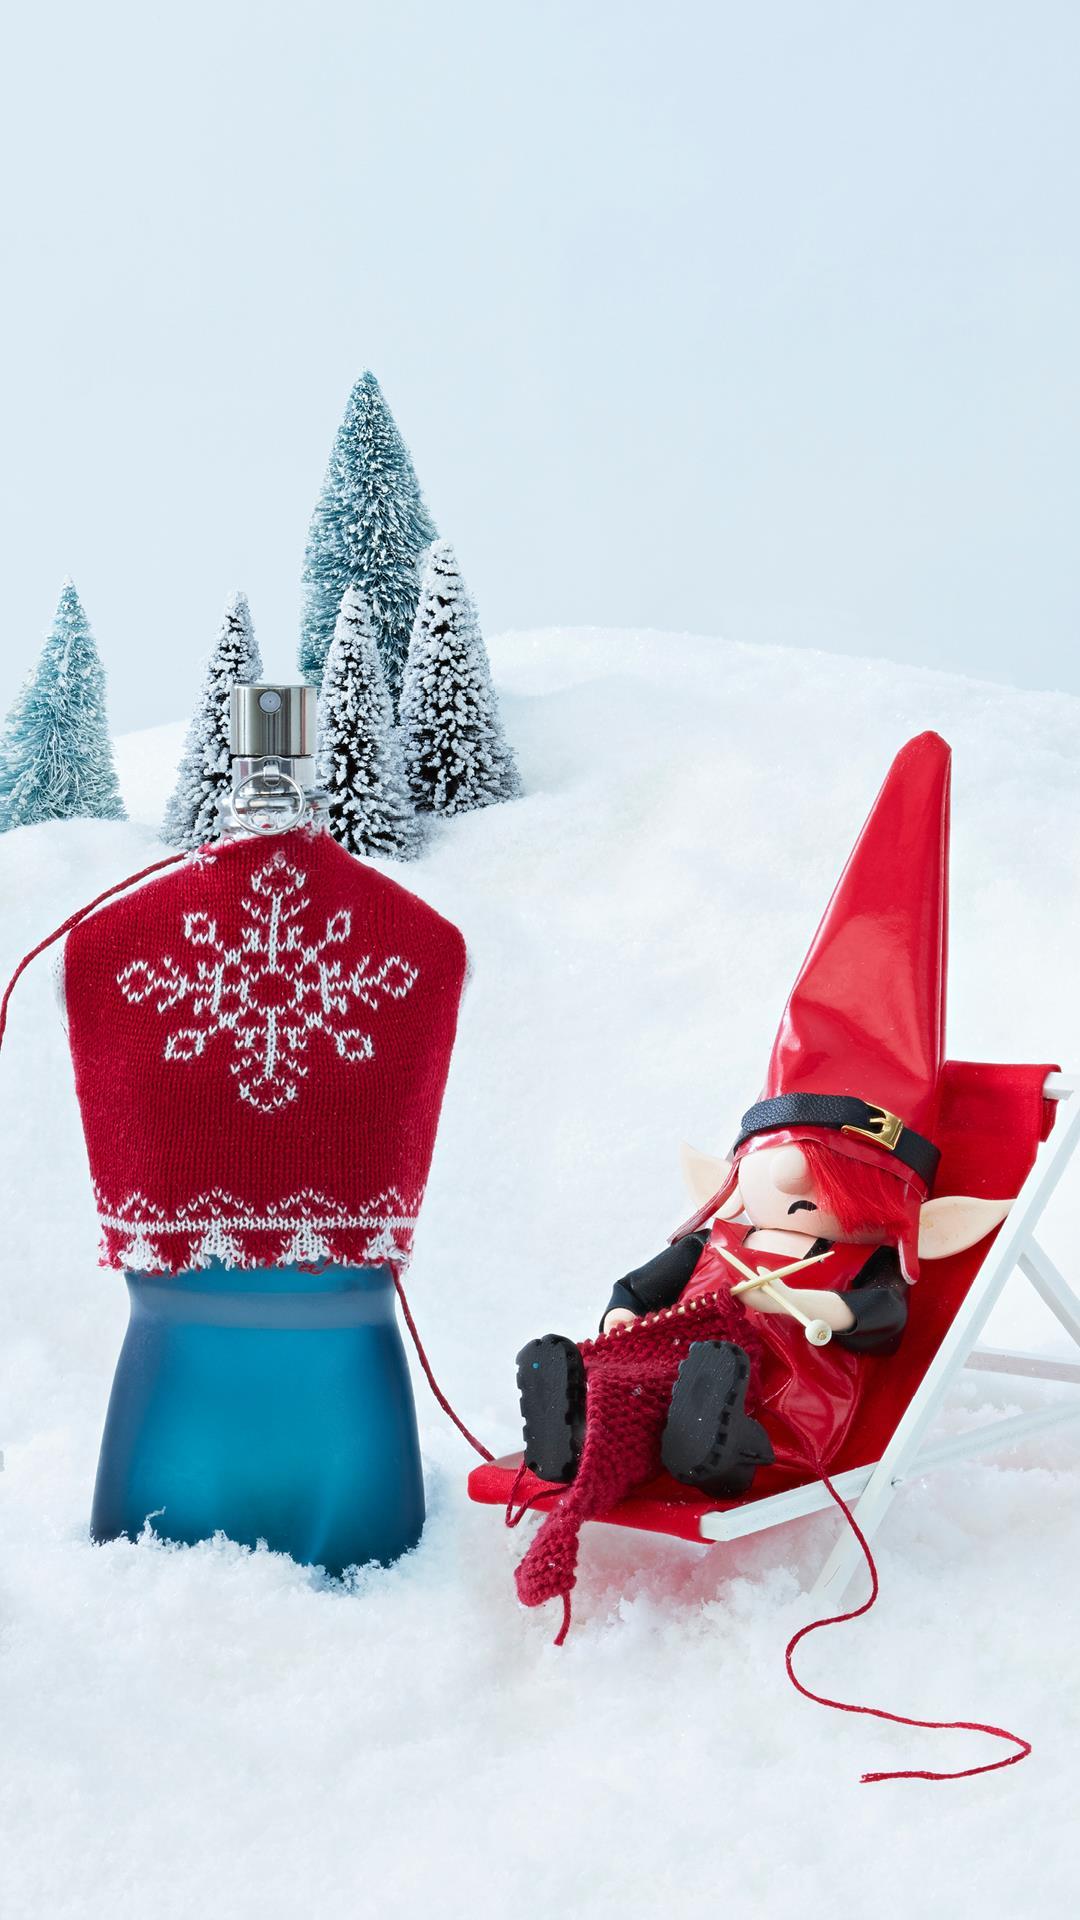 Navidad para perfumes en serás con 12 los el que regalar 10 perfumes Papá mejor wYxaUI